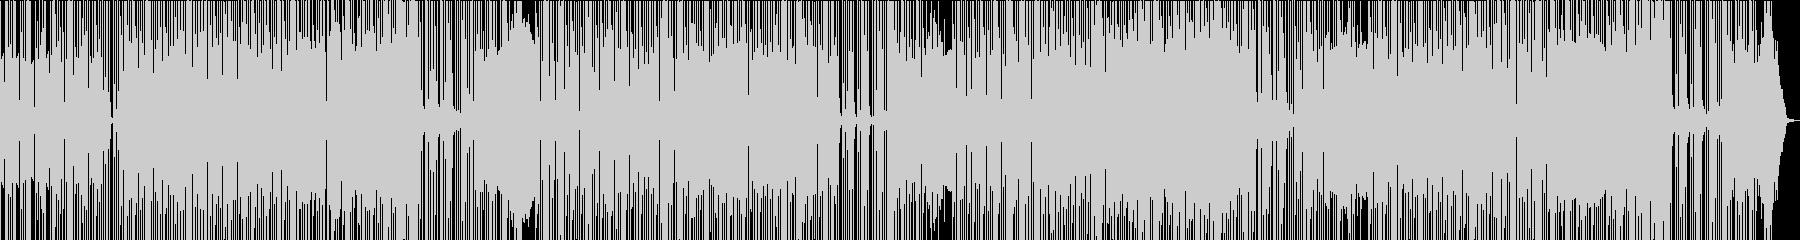 ベリーダンス向け和風とアラビアンの融合の未再生の波形